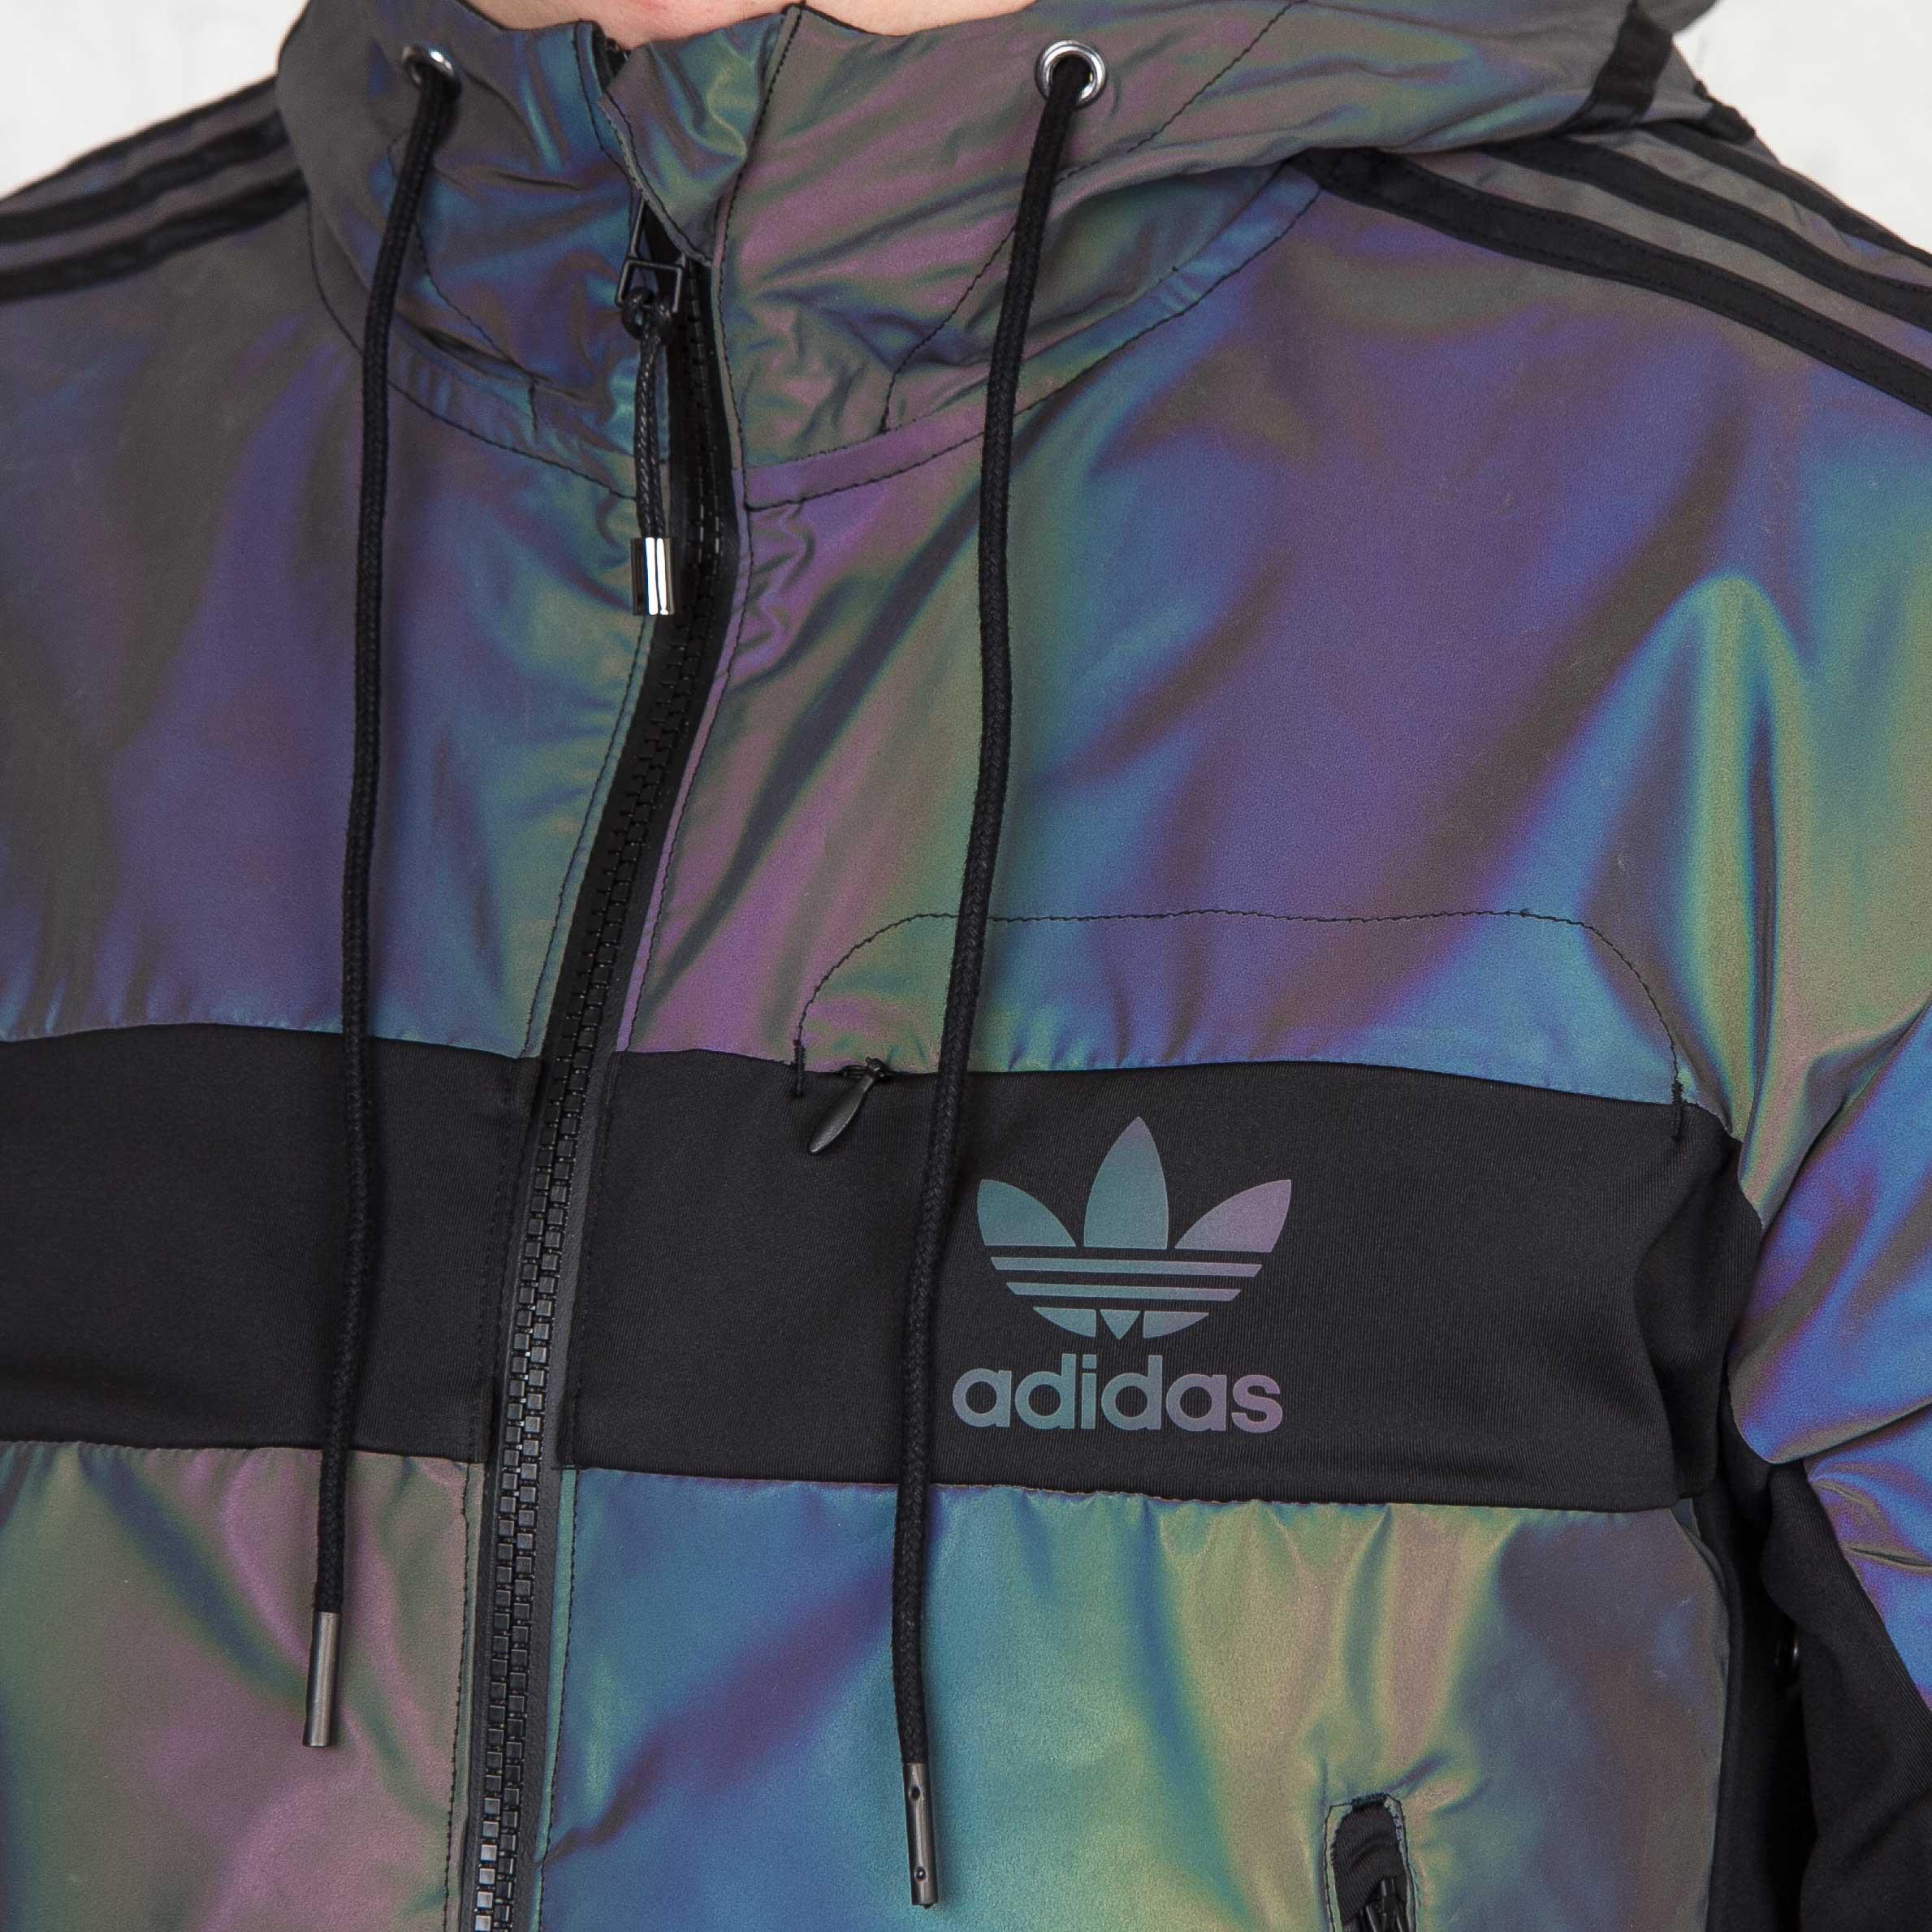 adidas xeno jacket